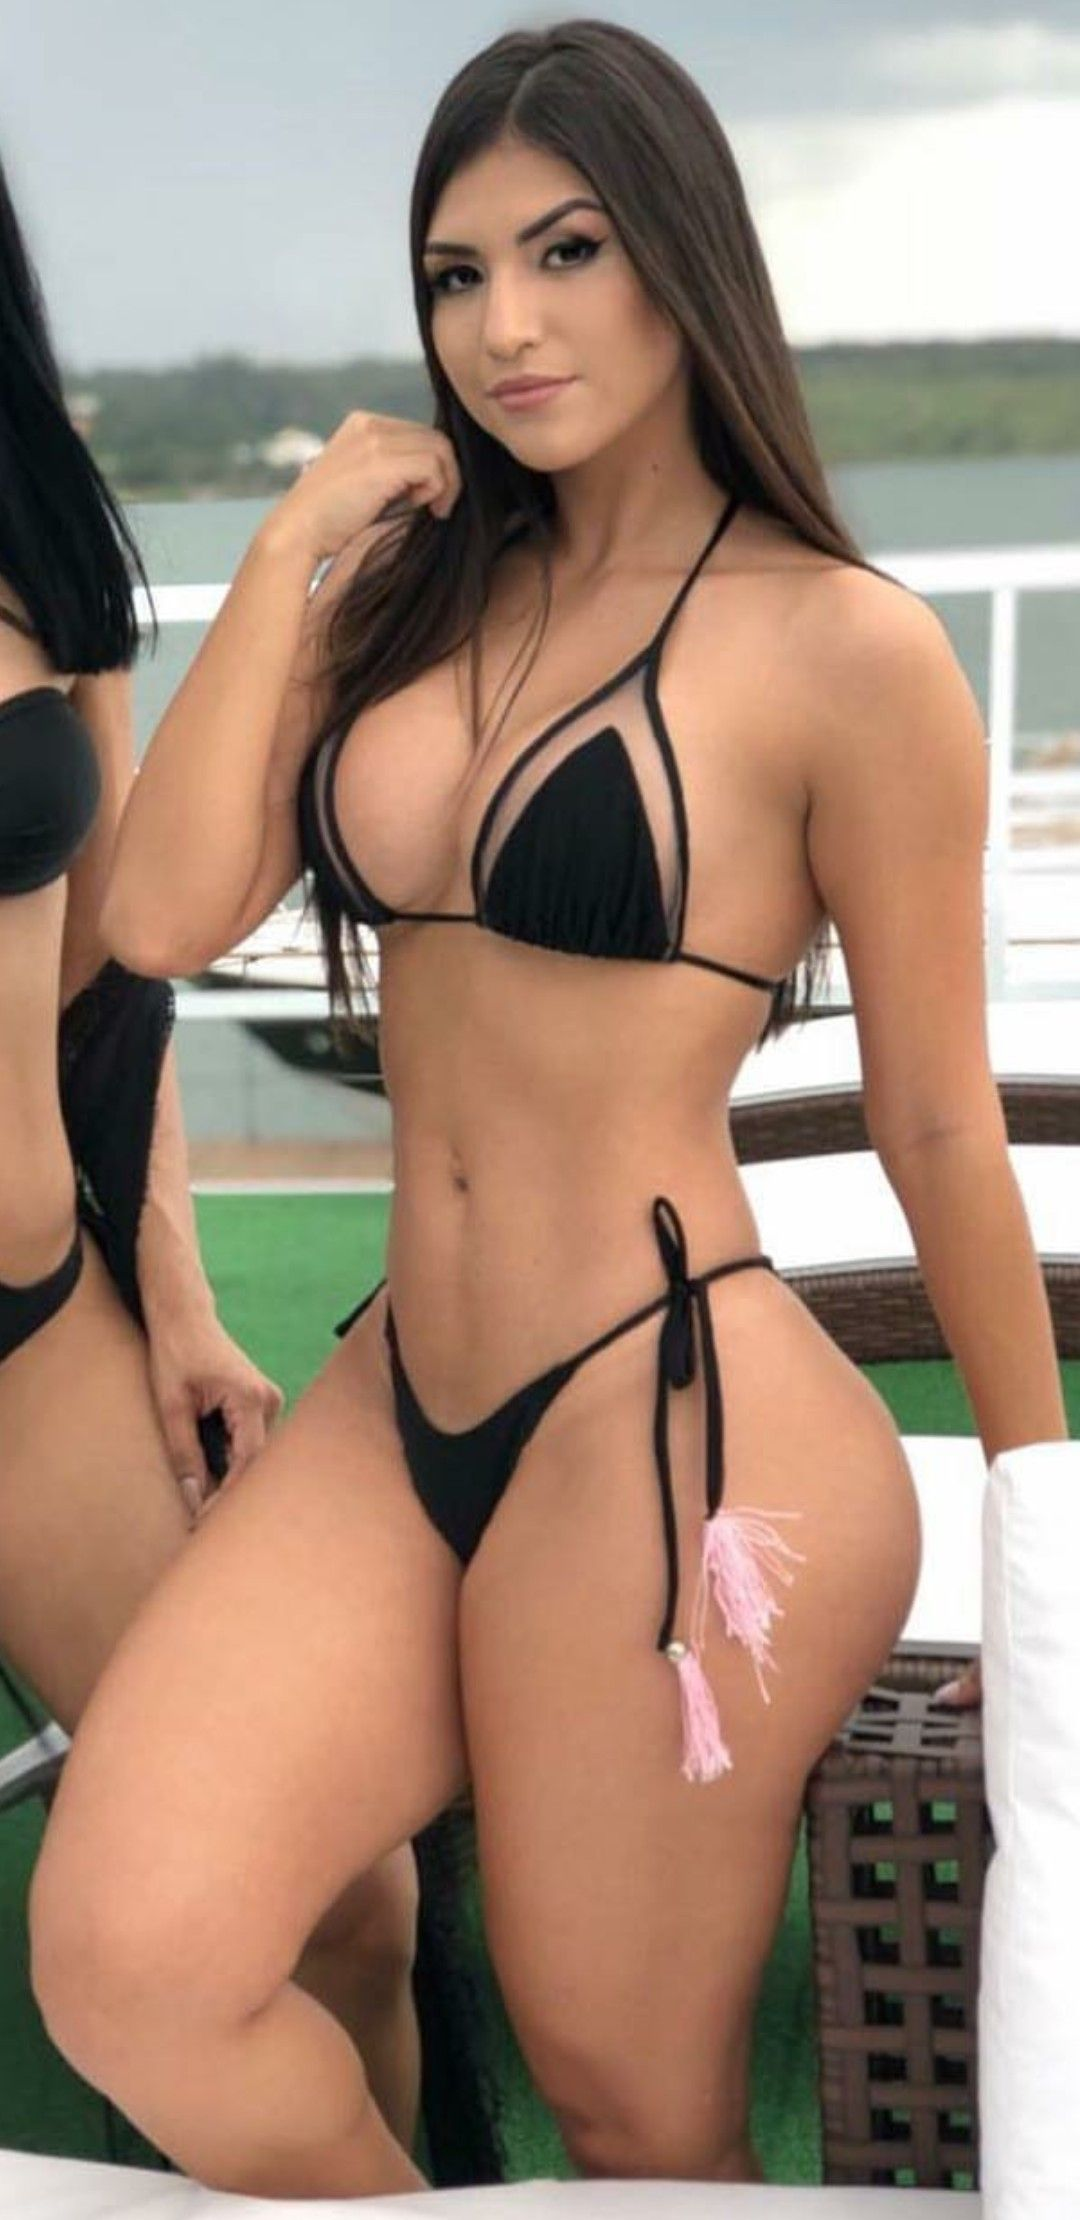 Mamasitas Hot Bikini Bikini Girls Types Of Women I Love Girls Classy